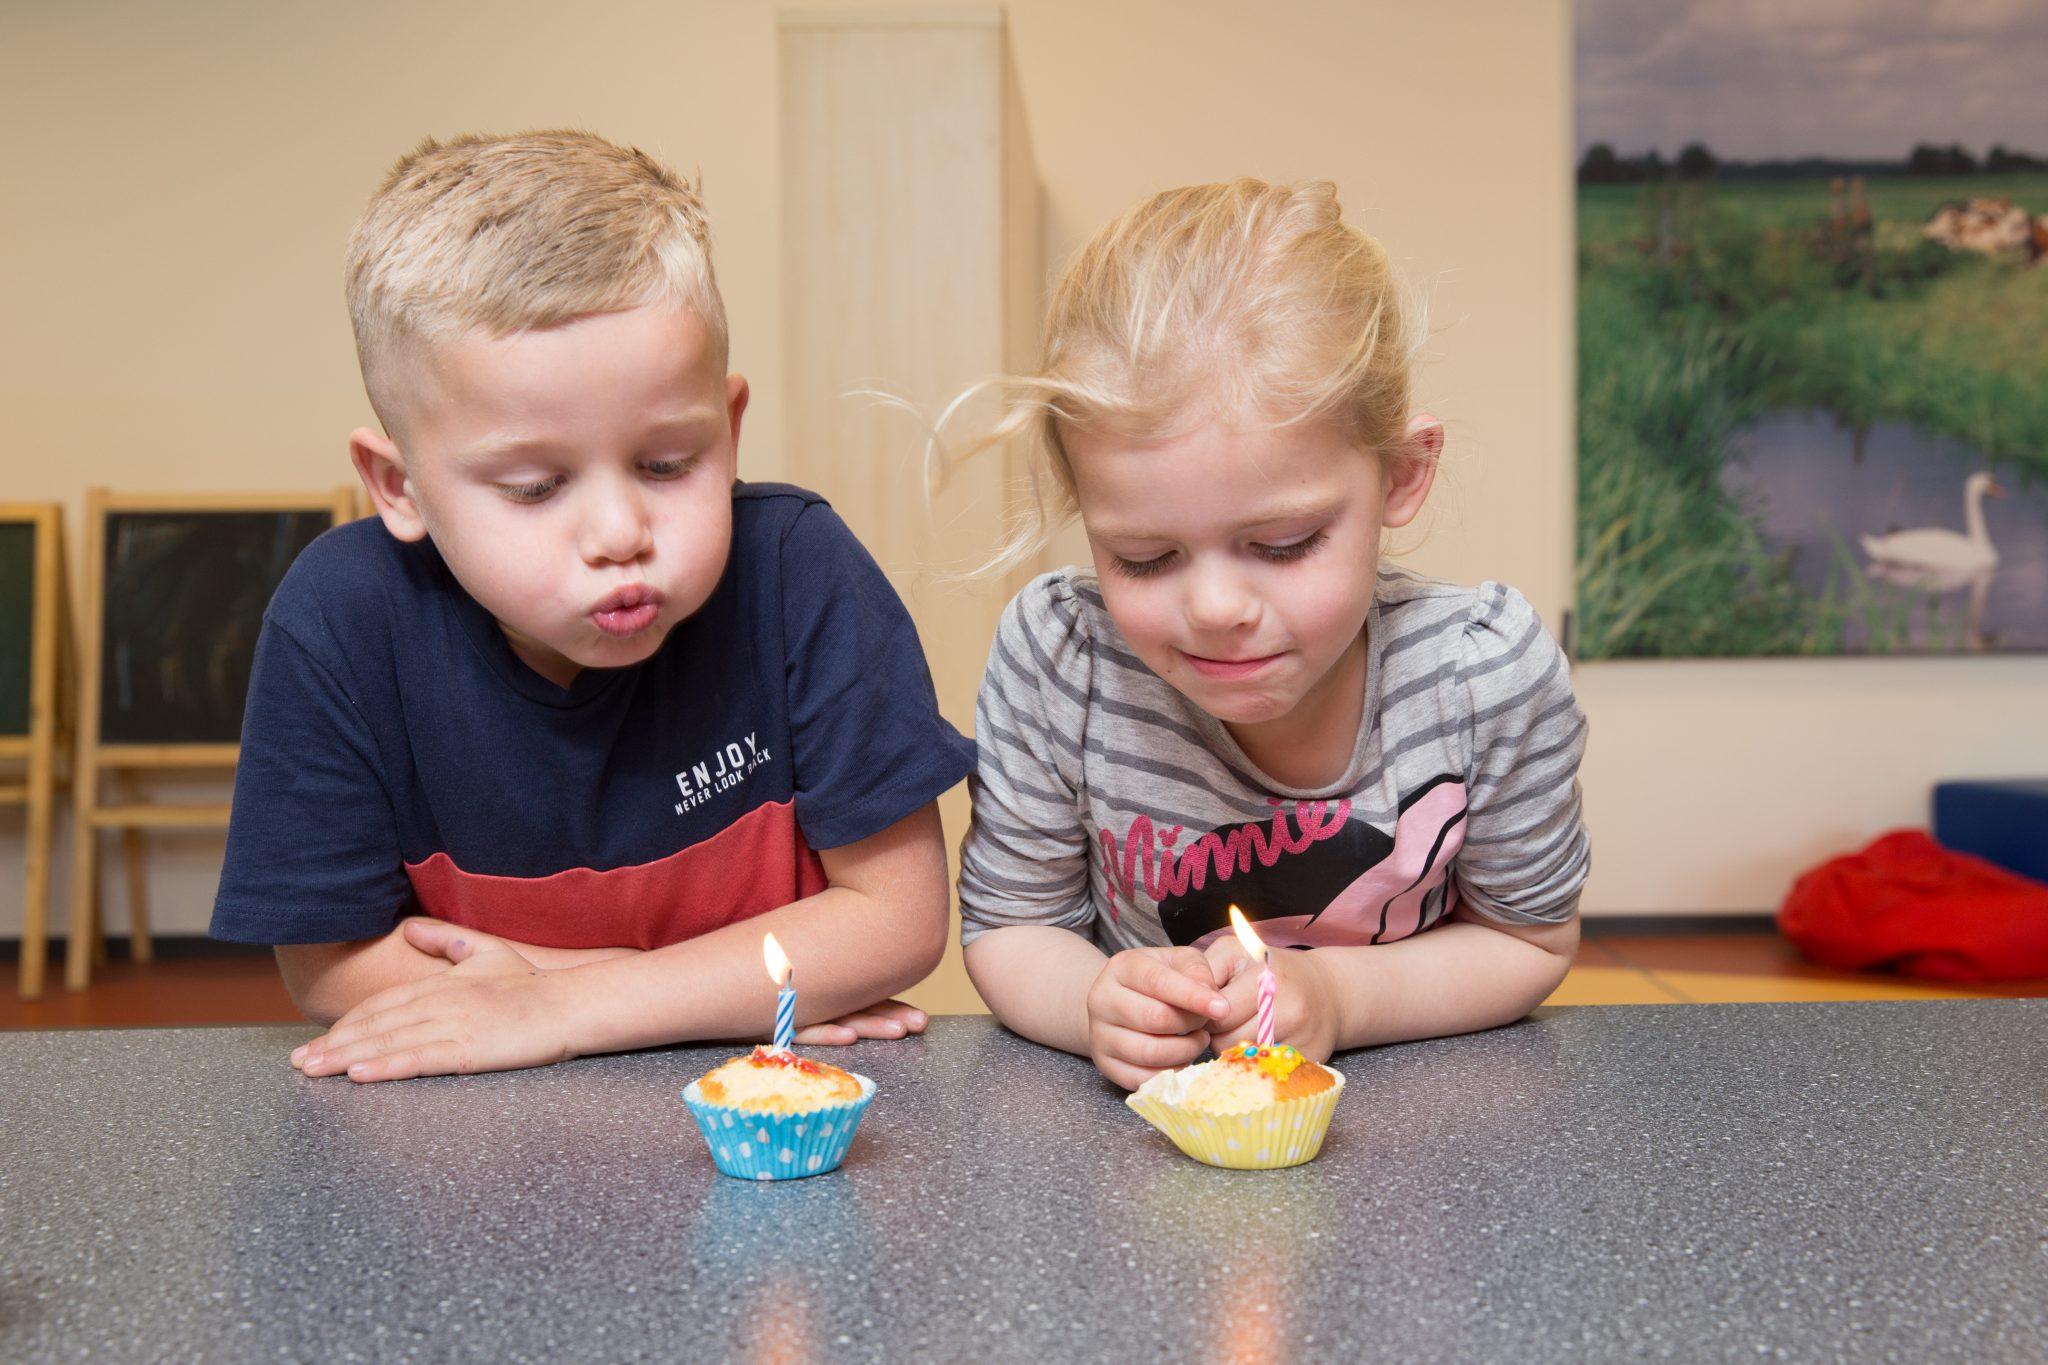 Kinderen kijken naar cakeje